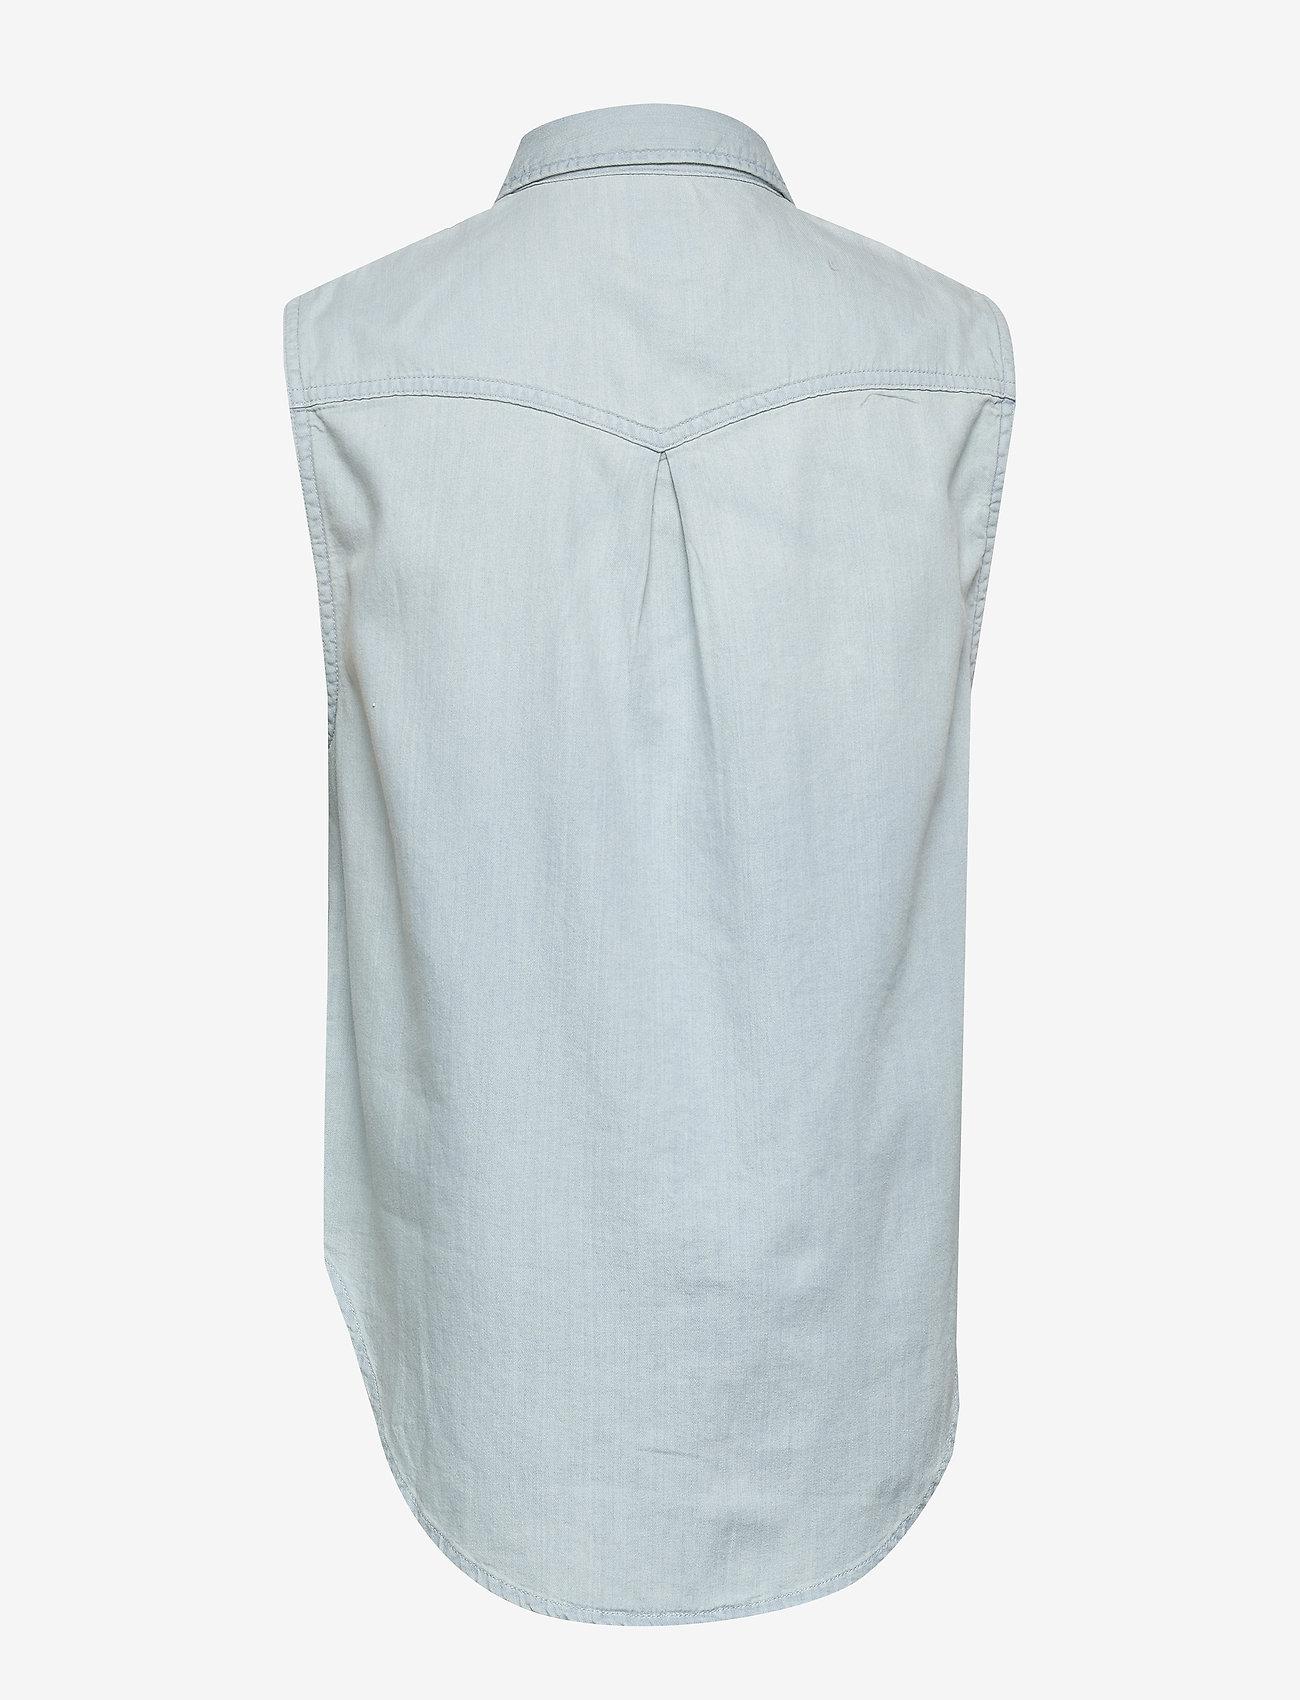 Lee Jeans - SLEEVELESS SHIRT - jeansowe koszule - sterling blue - 1